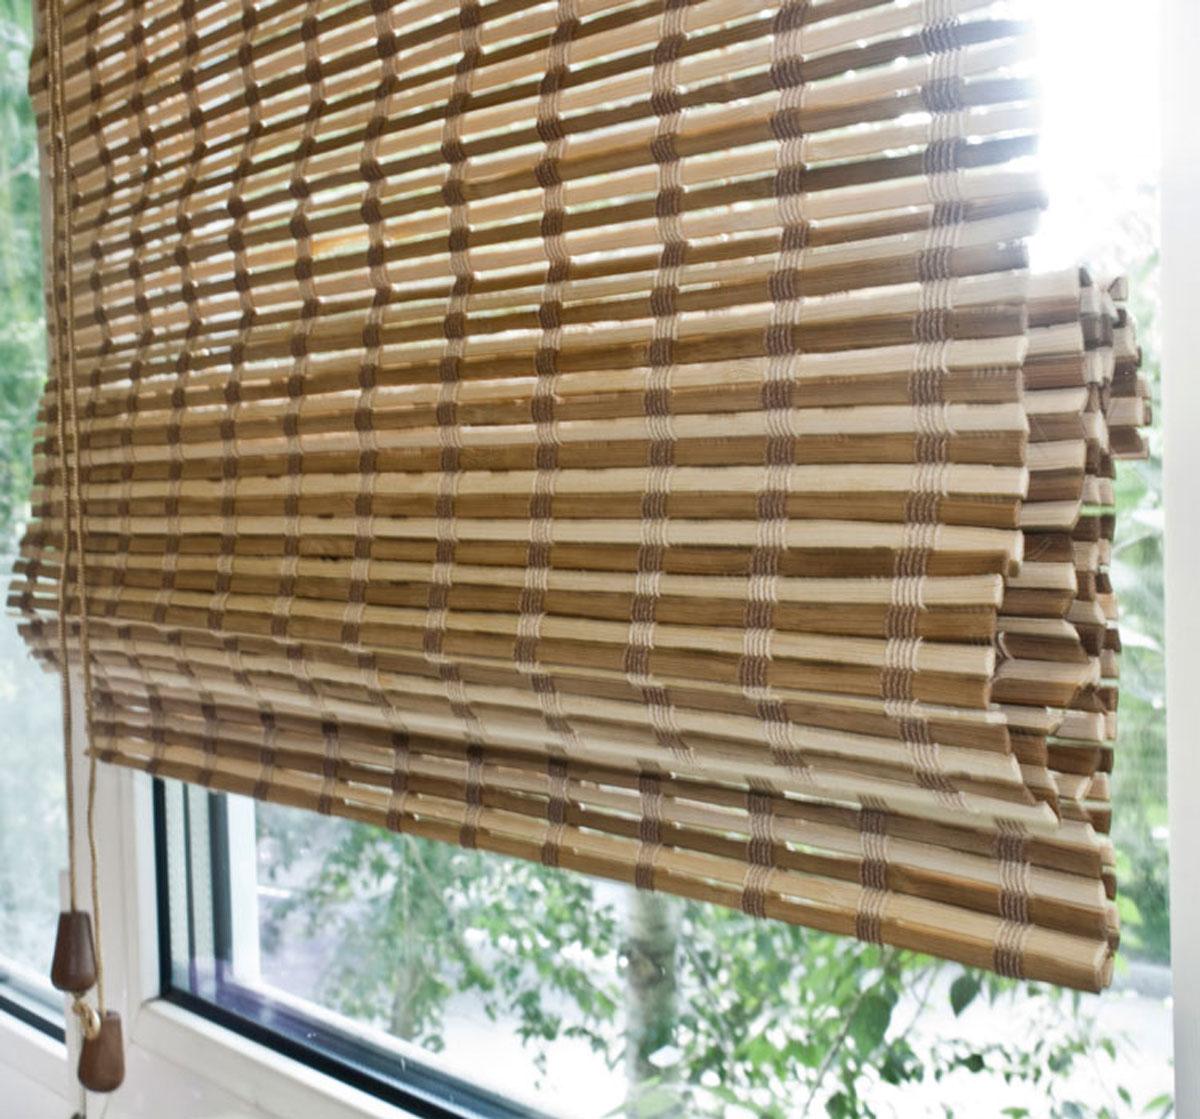 Римская штора Эскар, бамбуковая, цвет: коричневый, бежевый, ширина 100 см, высота 160 см72959100160Римская штора Эскар, выполненная из натурального бамбука, является оригинальным современным аксессуаром для создания необычного интерьера в восточном или минималистичном стиле. Римская бамбуковая штора, как и тканевая римская штора, при поднятии образует крупные складки, которые прекрасно декорируют окно. Особенность устройства полотна позволяет свободно пропускать дневной свет, что обеспечивает мягкое освещение комнаты. Римская штора из натурального влагоустойчивого материала легко вписывается в любой интерьер, хорошо сочетается с различной мебелью и элементами отделки. Использование бамбукового полотна придает помещению необычный вид и визуально расширяет пространство. Бамбуковые шторы требуют только сухого ухода: пылесосом, щеткой, веником или влажной (но не мокрой!) губкой. Комплект для монтажа прилагается.